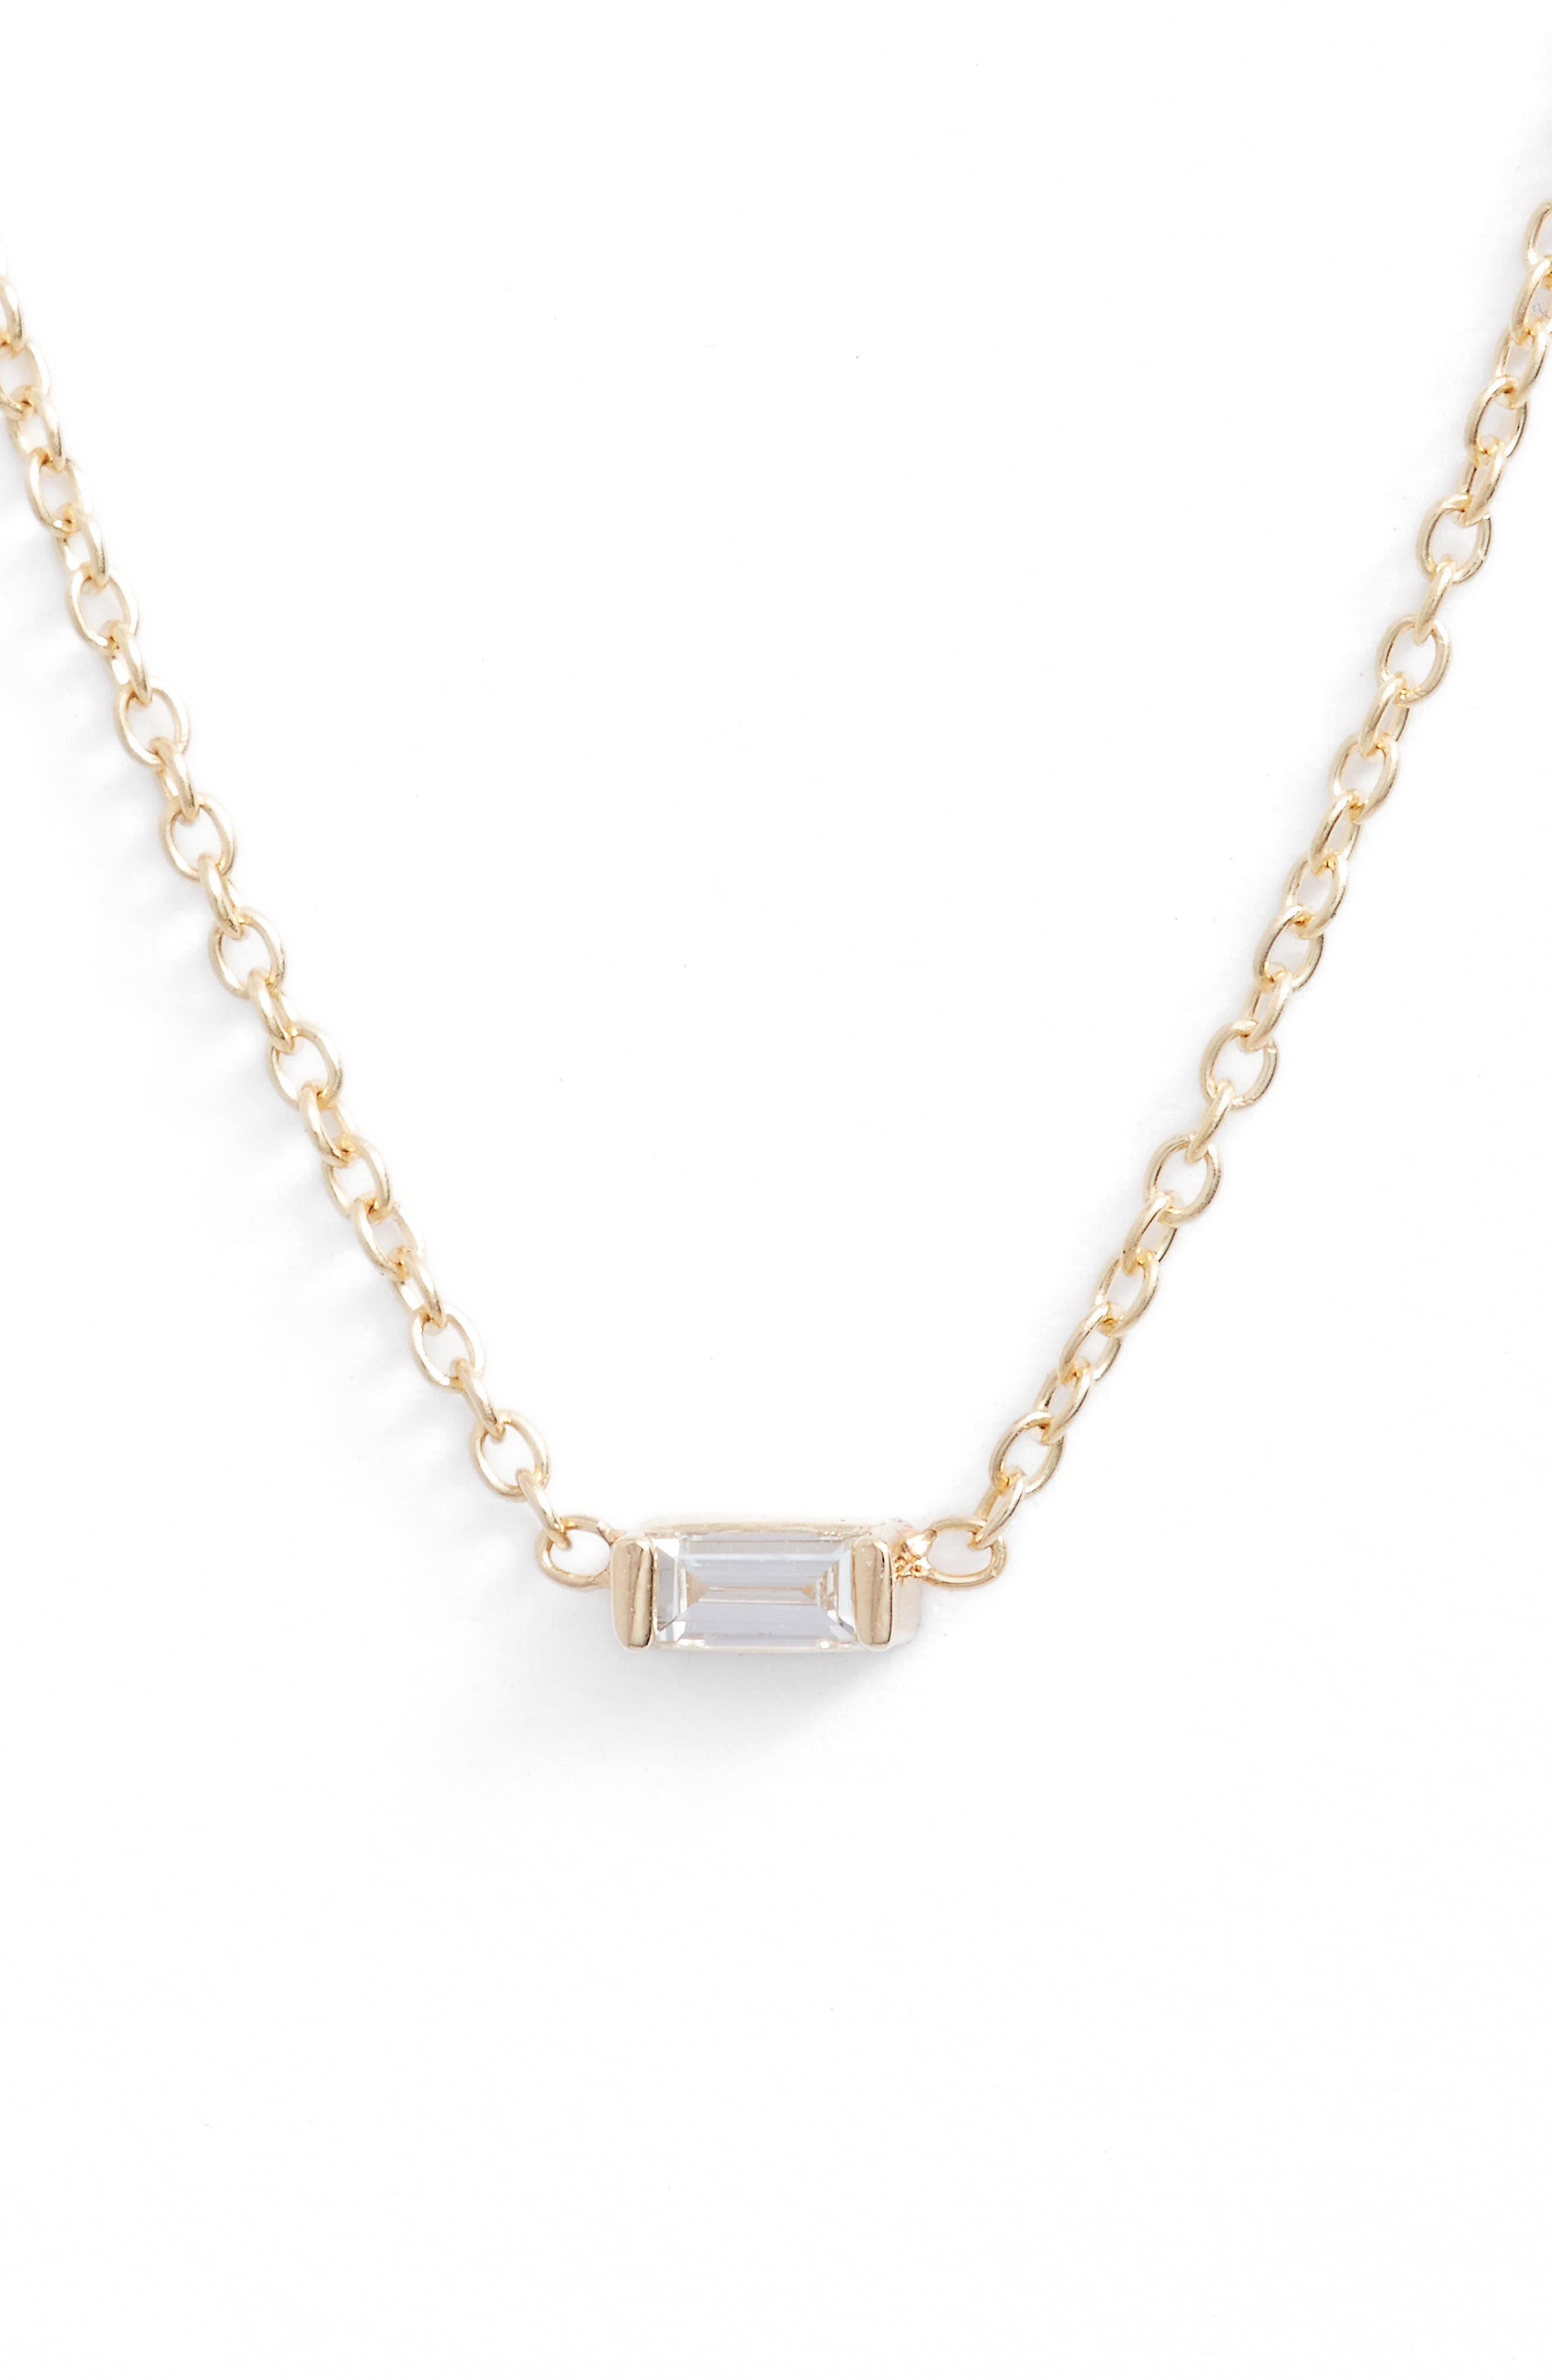 Zoë Chicco Diamond Baguette Pendant Necklace